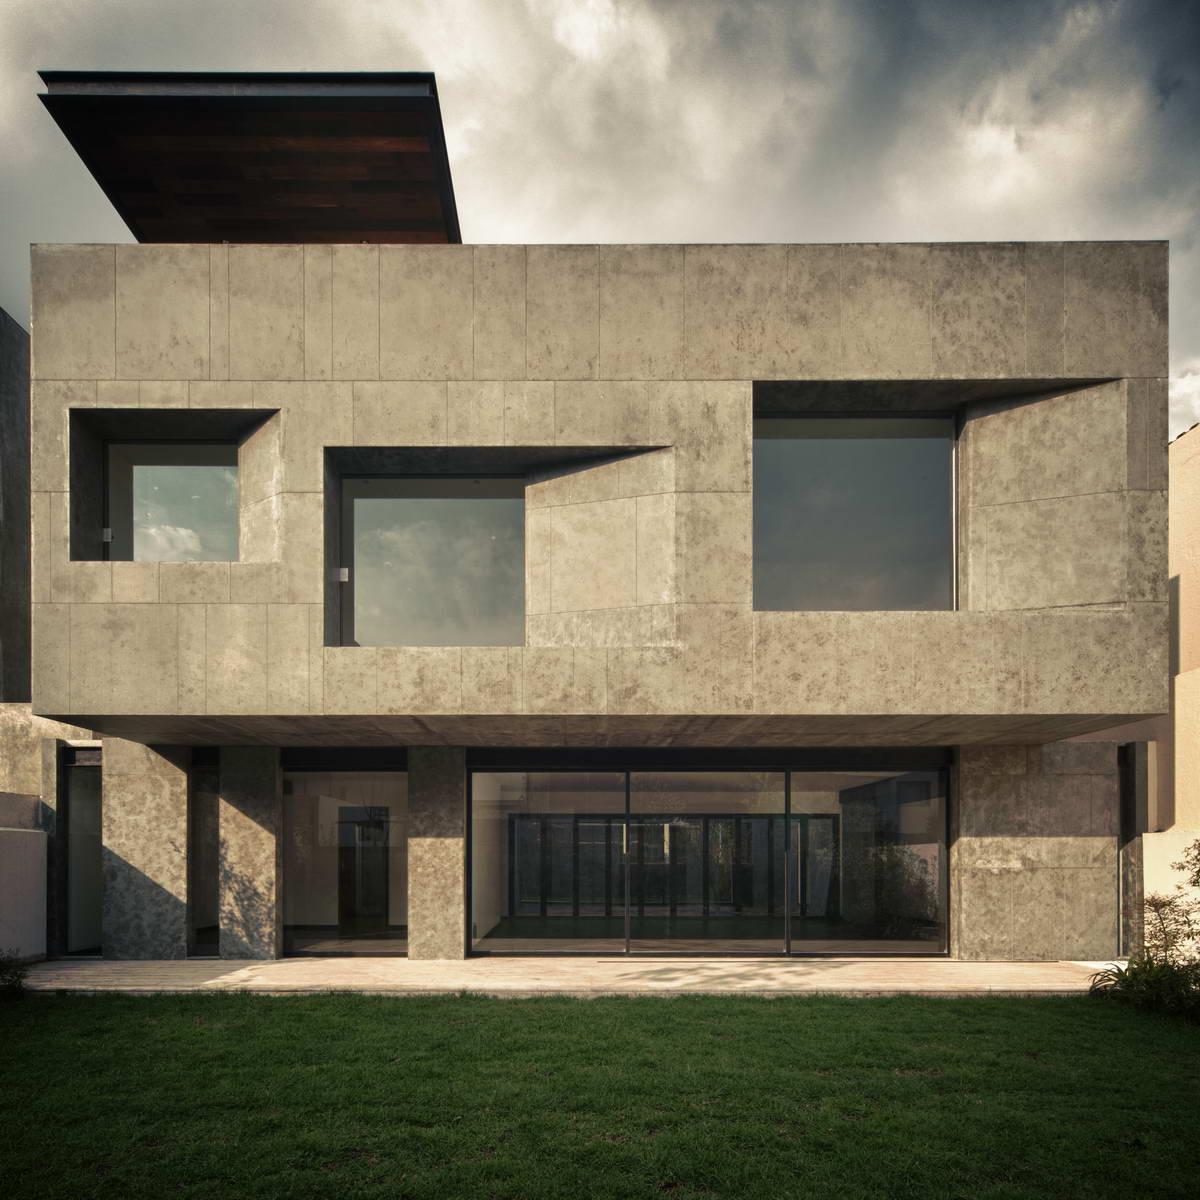 учетом картинки домов конструктивизм данной луговой